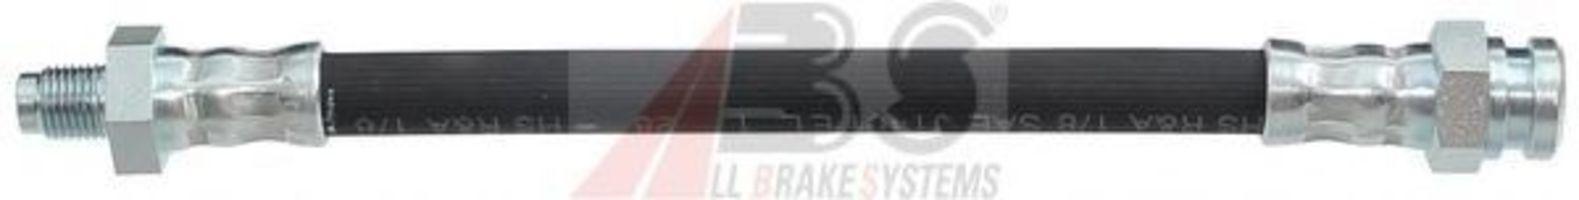 Шланг тормозной A.B.S. SL 3963